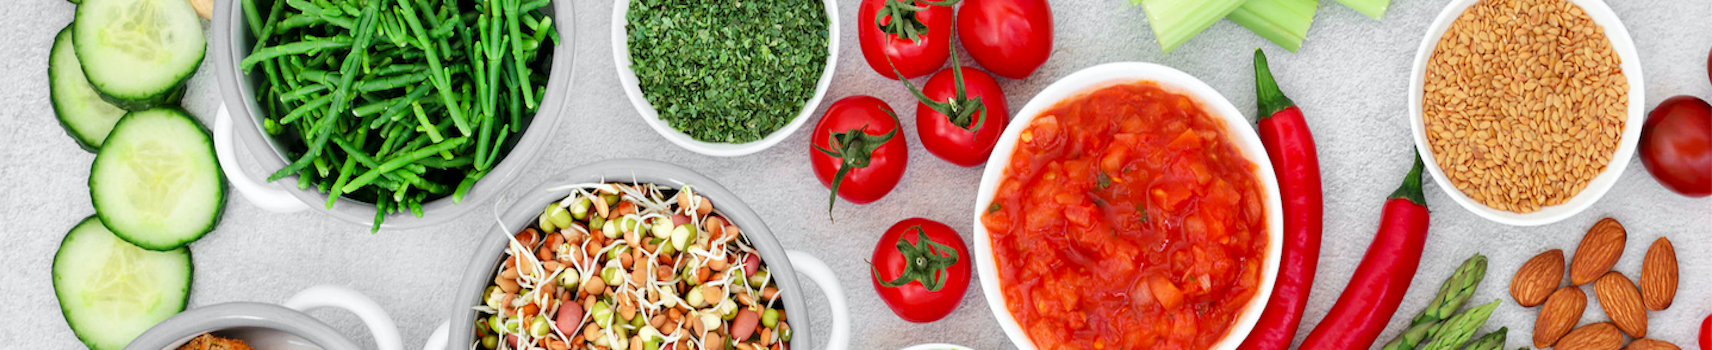 Le Comptoir Allemand| Achat de Produits BIO et Sans Gluten